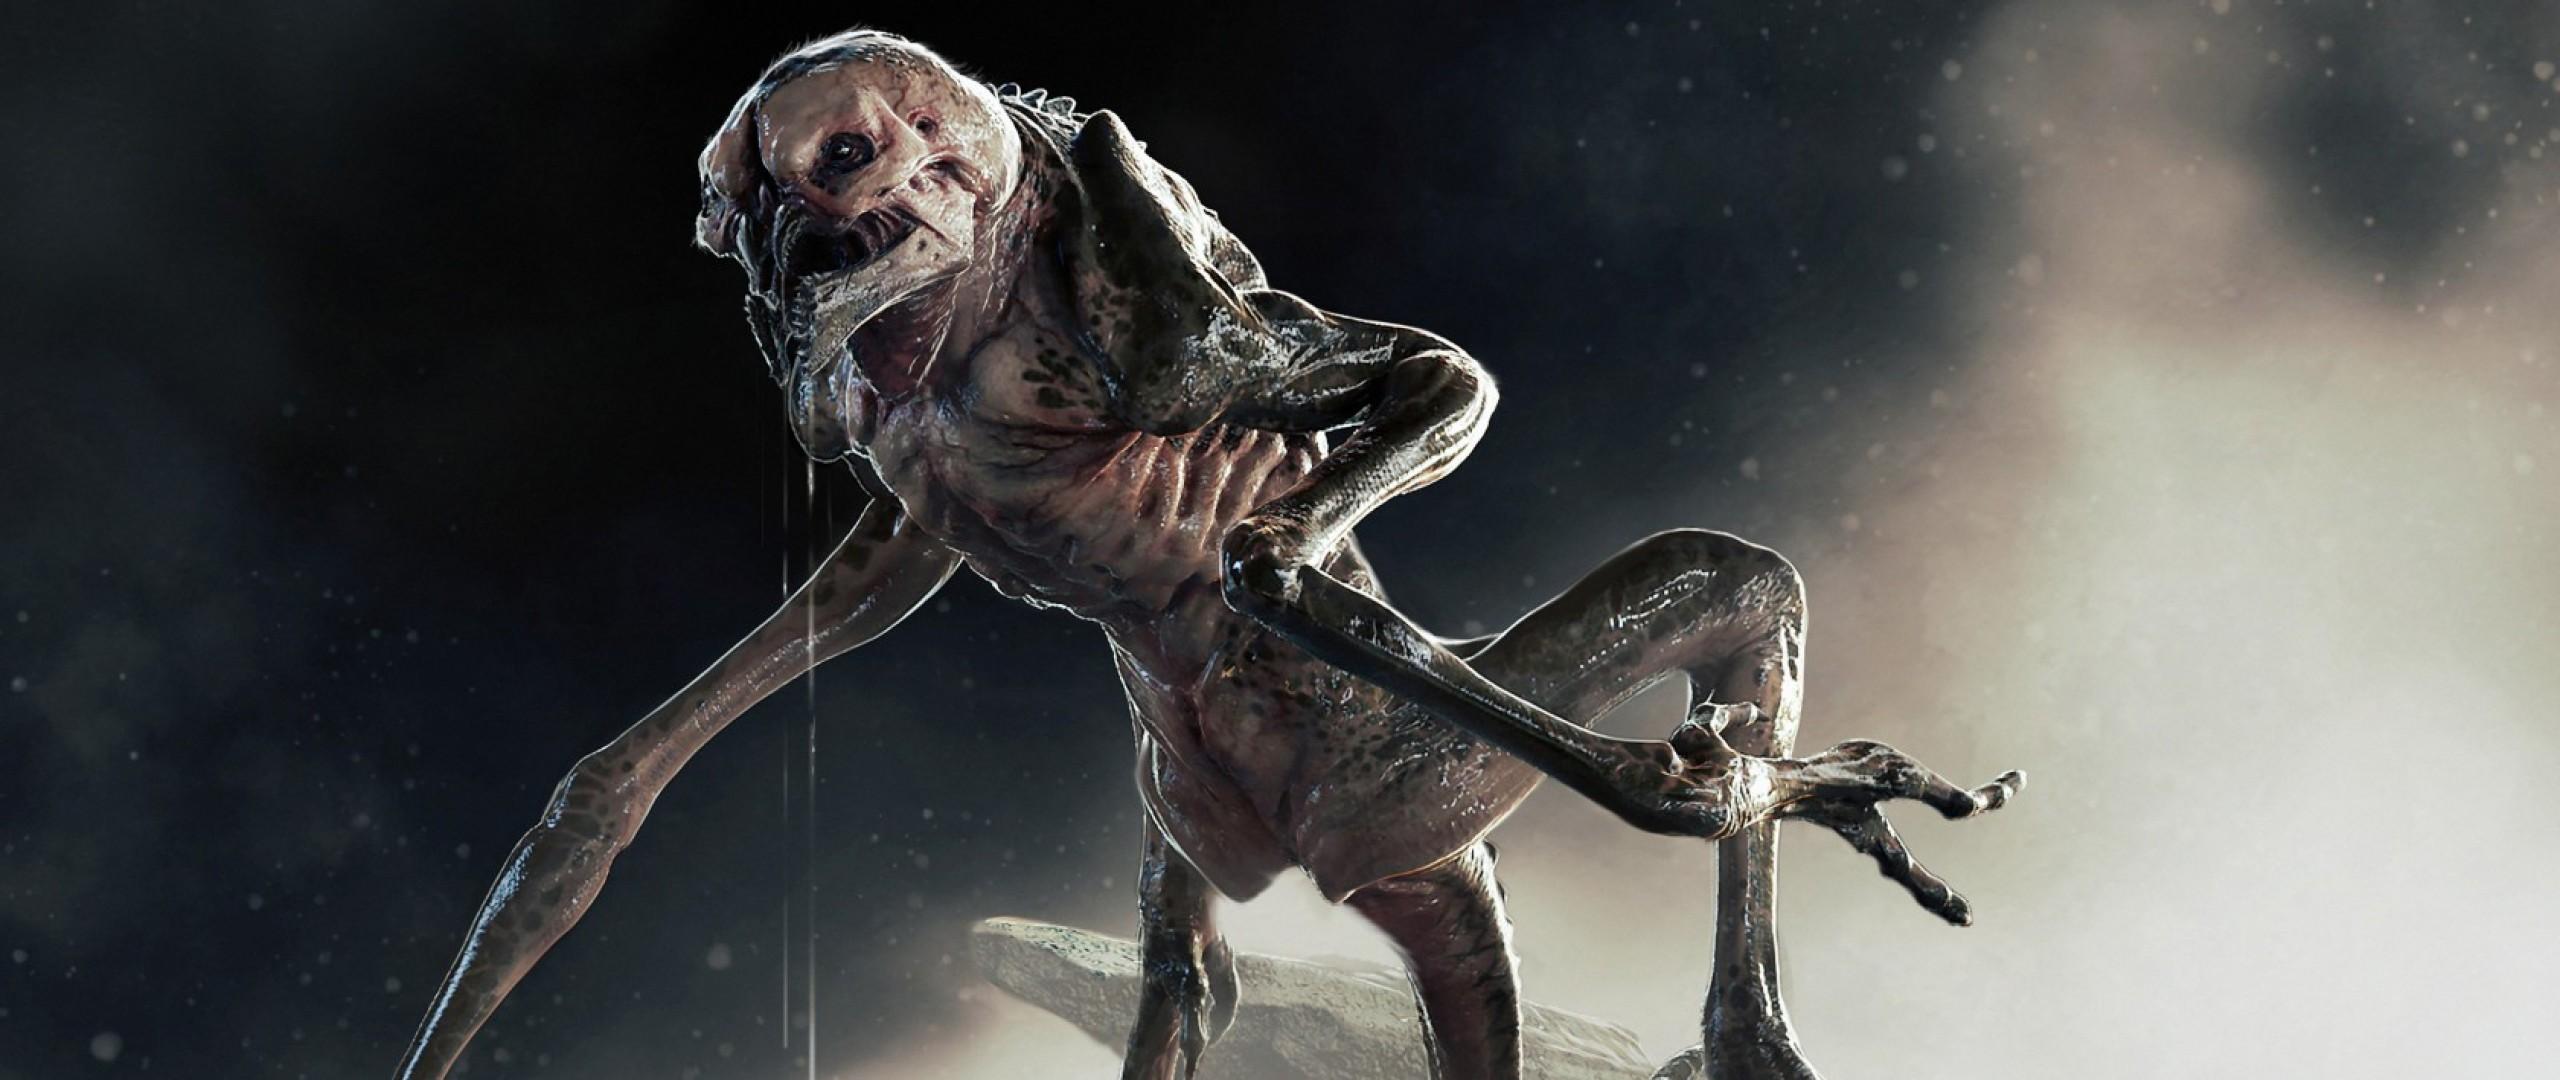 Wallpaper alien isolation, game, monster, horror